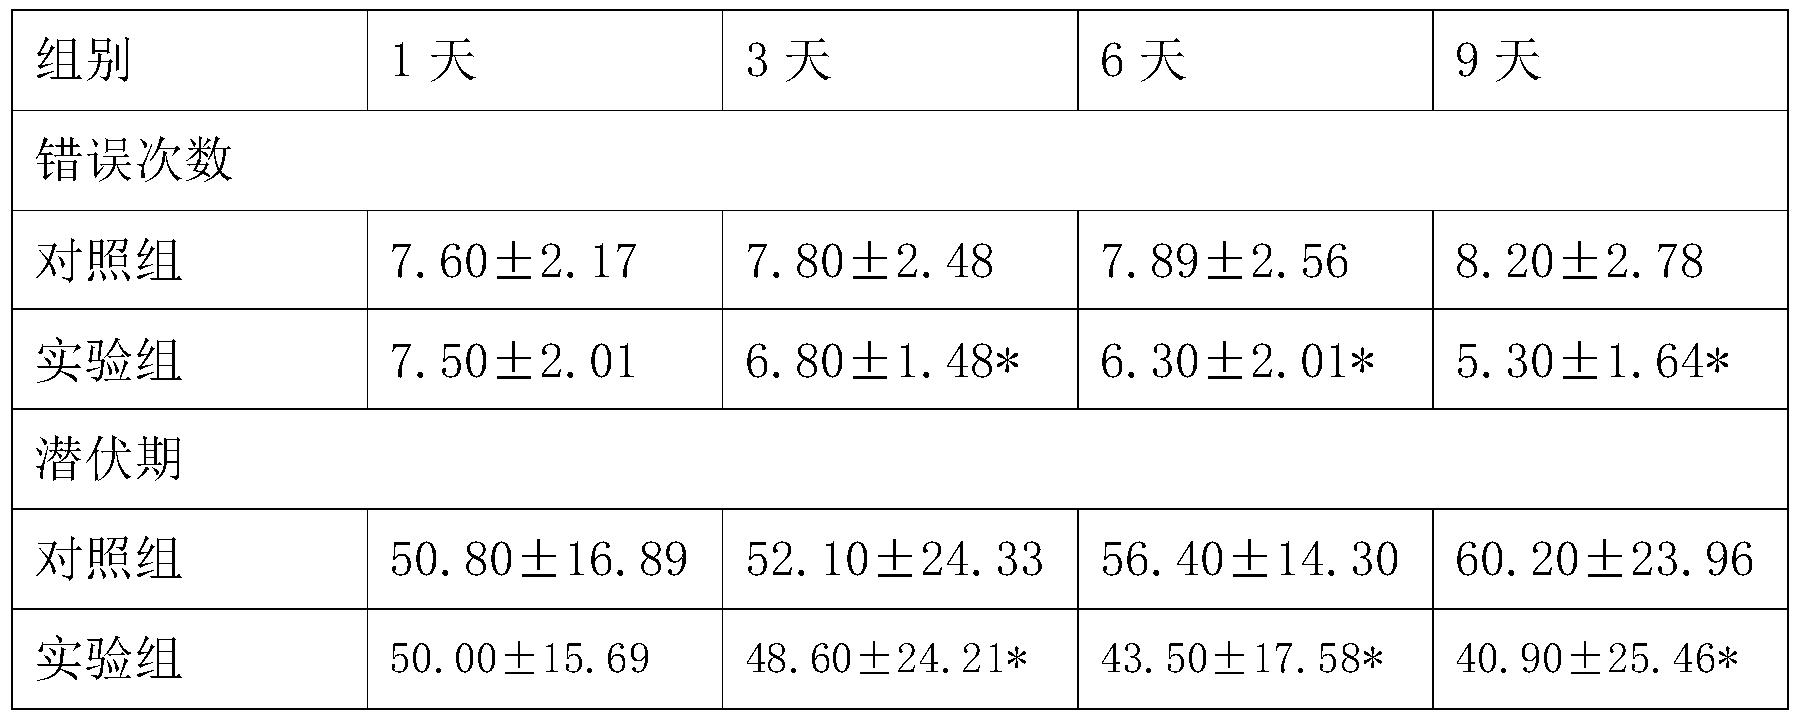 Figure PCTCN2014091047-appb-000008